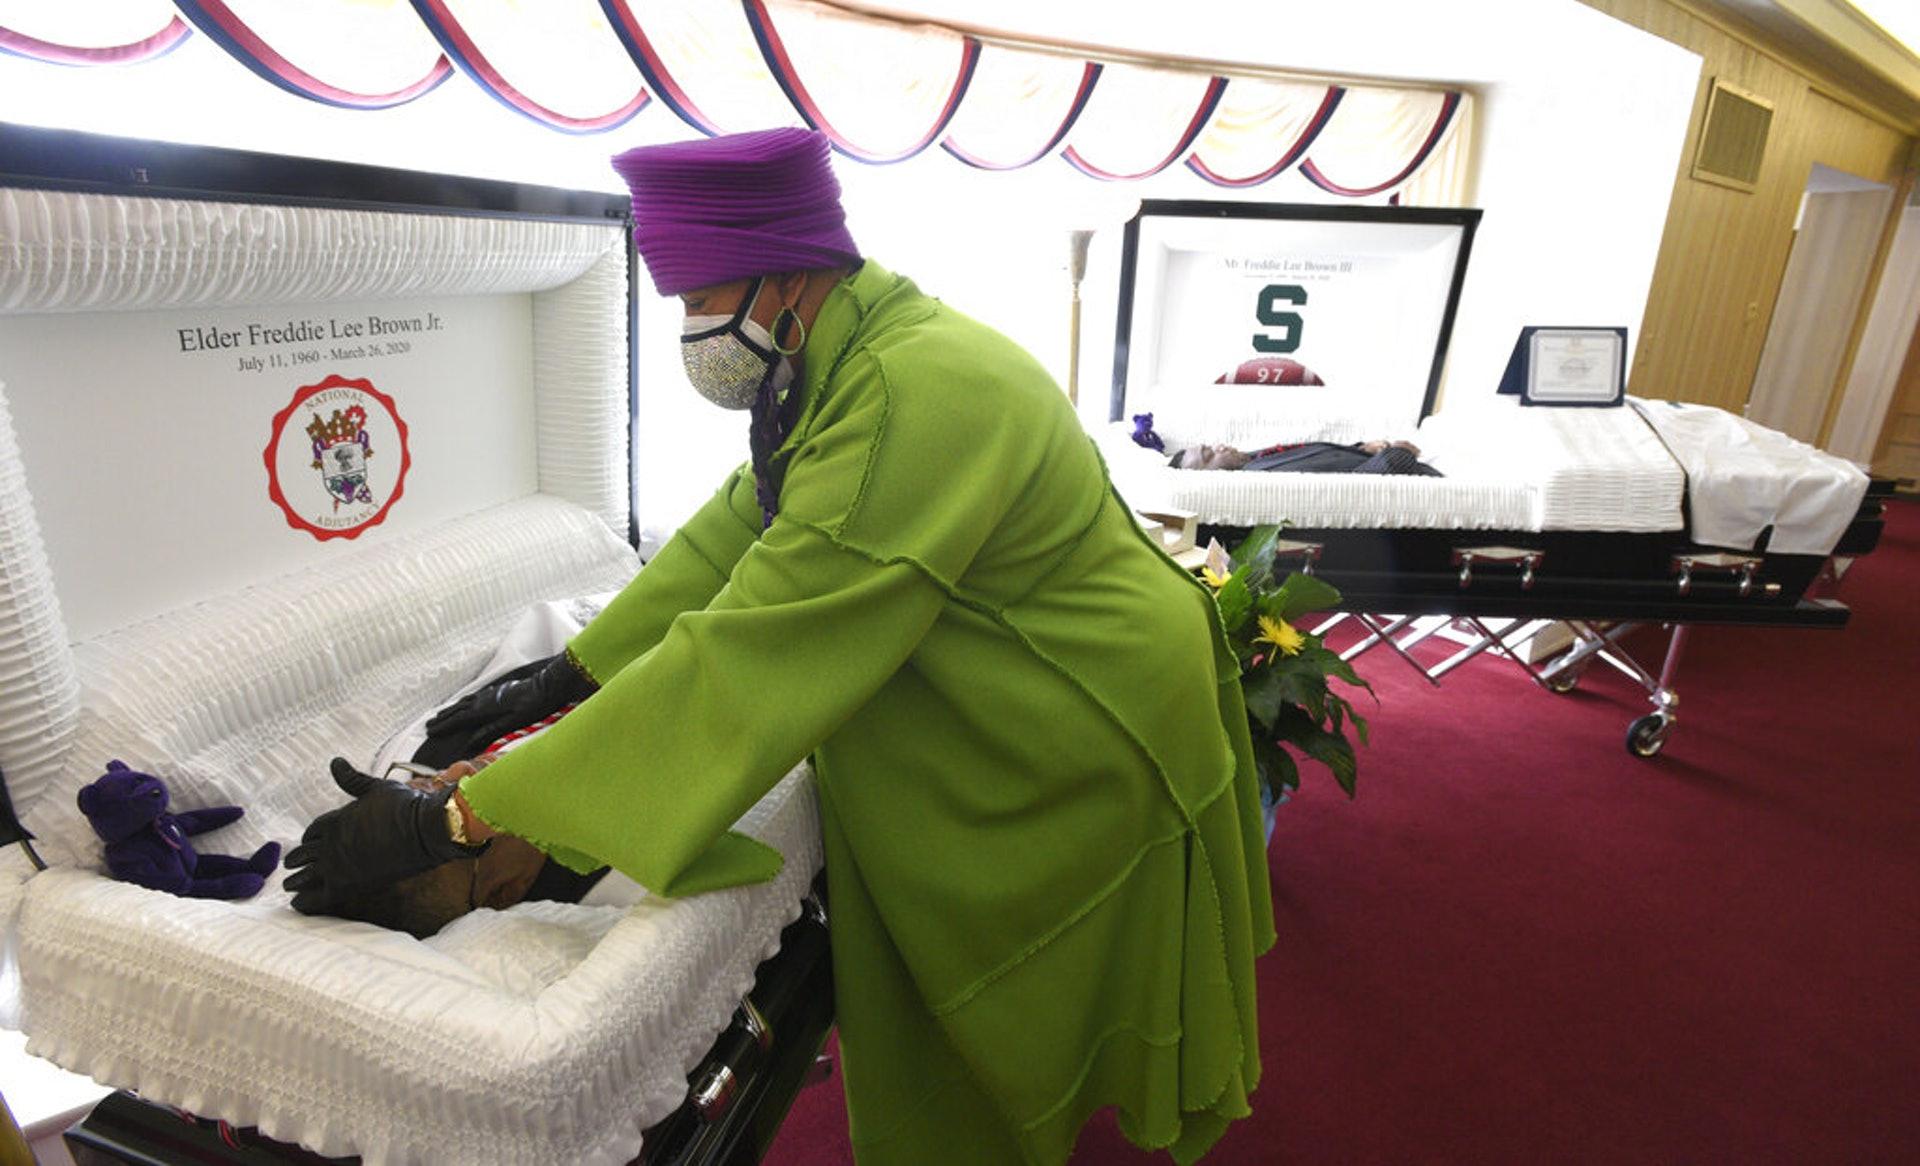 美國新冠肺炎疫情:圖為4月10日,布朗在密歇根弗林特的殯儀館撫摸她丈夫遺體的額頭。(AP)